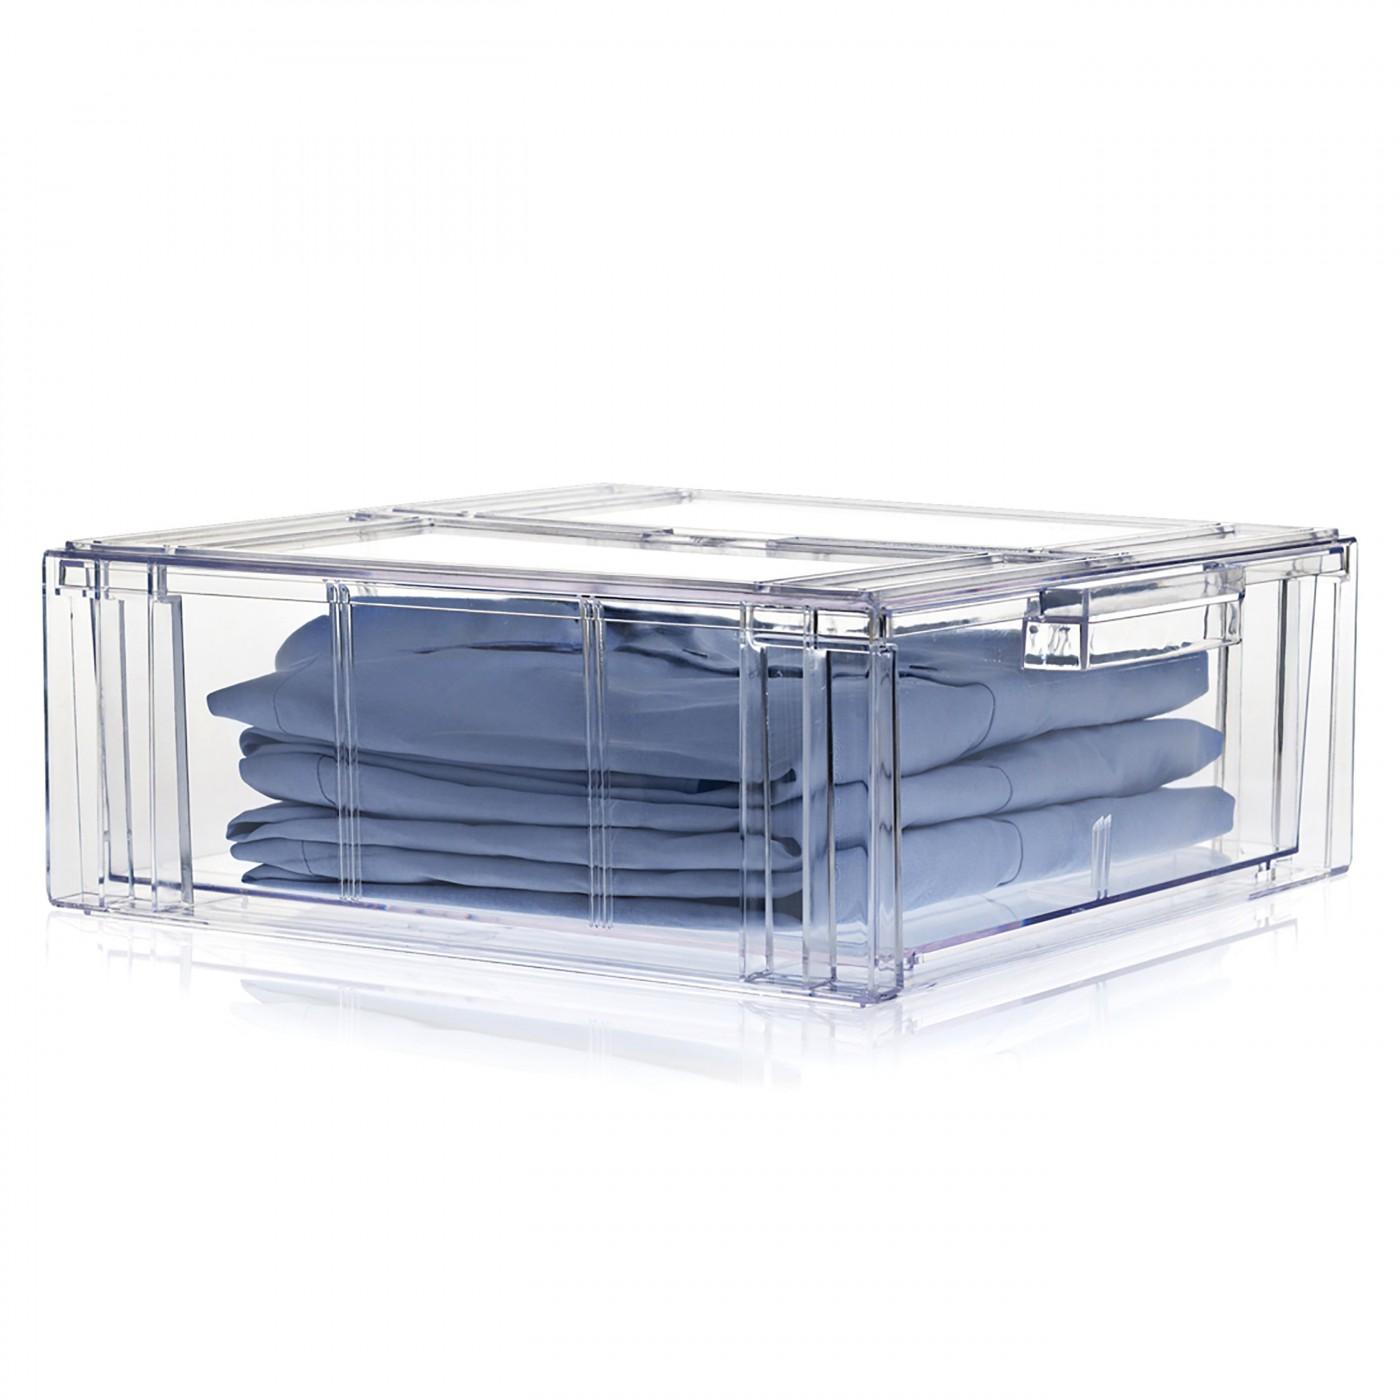 boite de rangement transparente a tiroir clear drawer n 3 nomess copenhagen